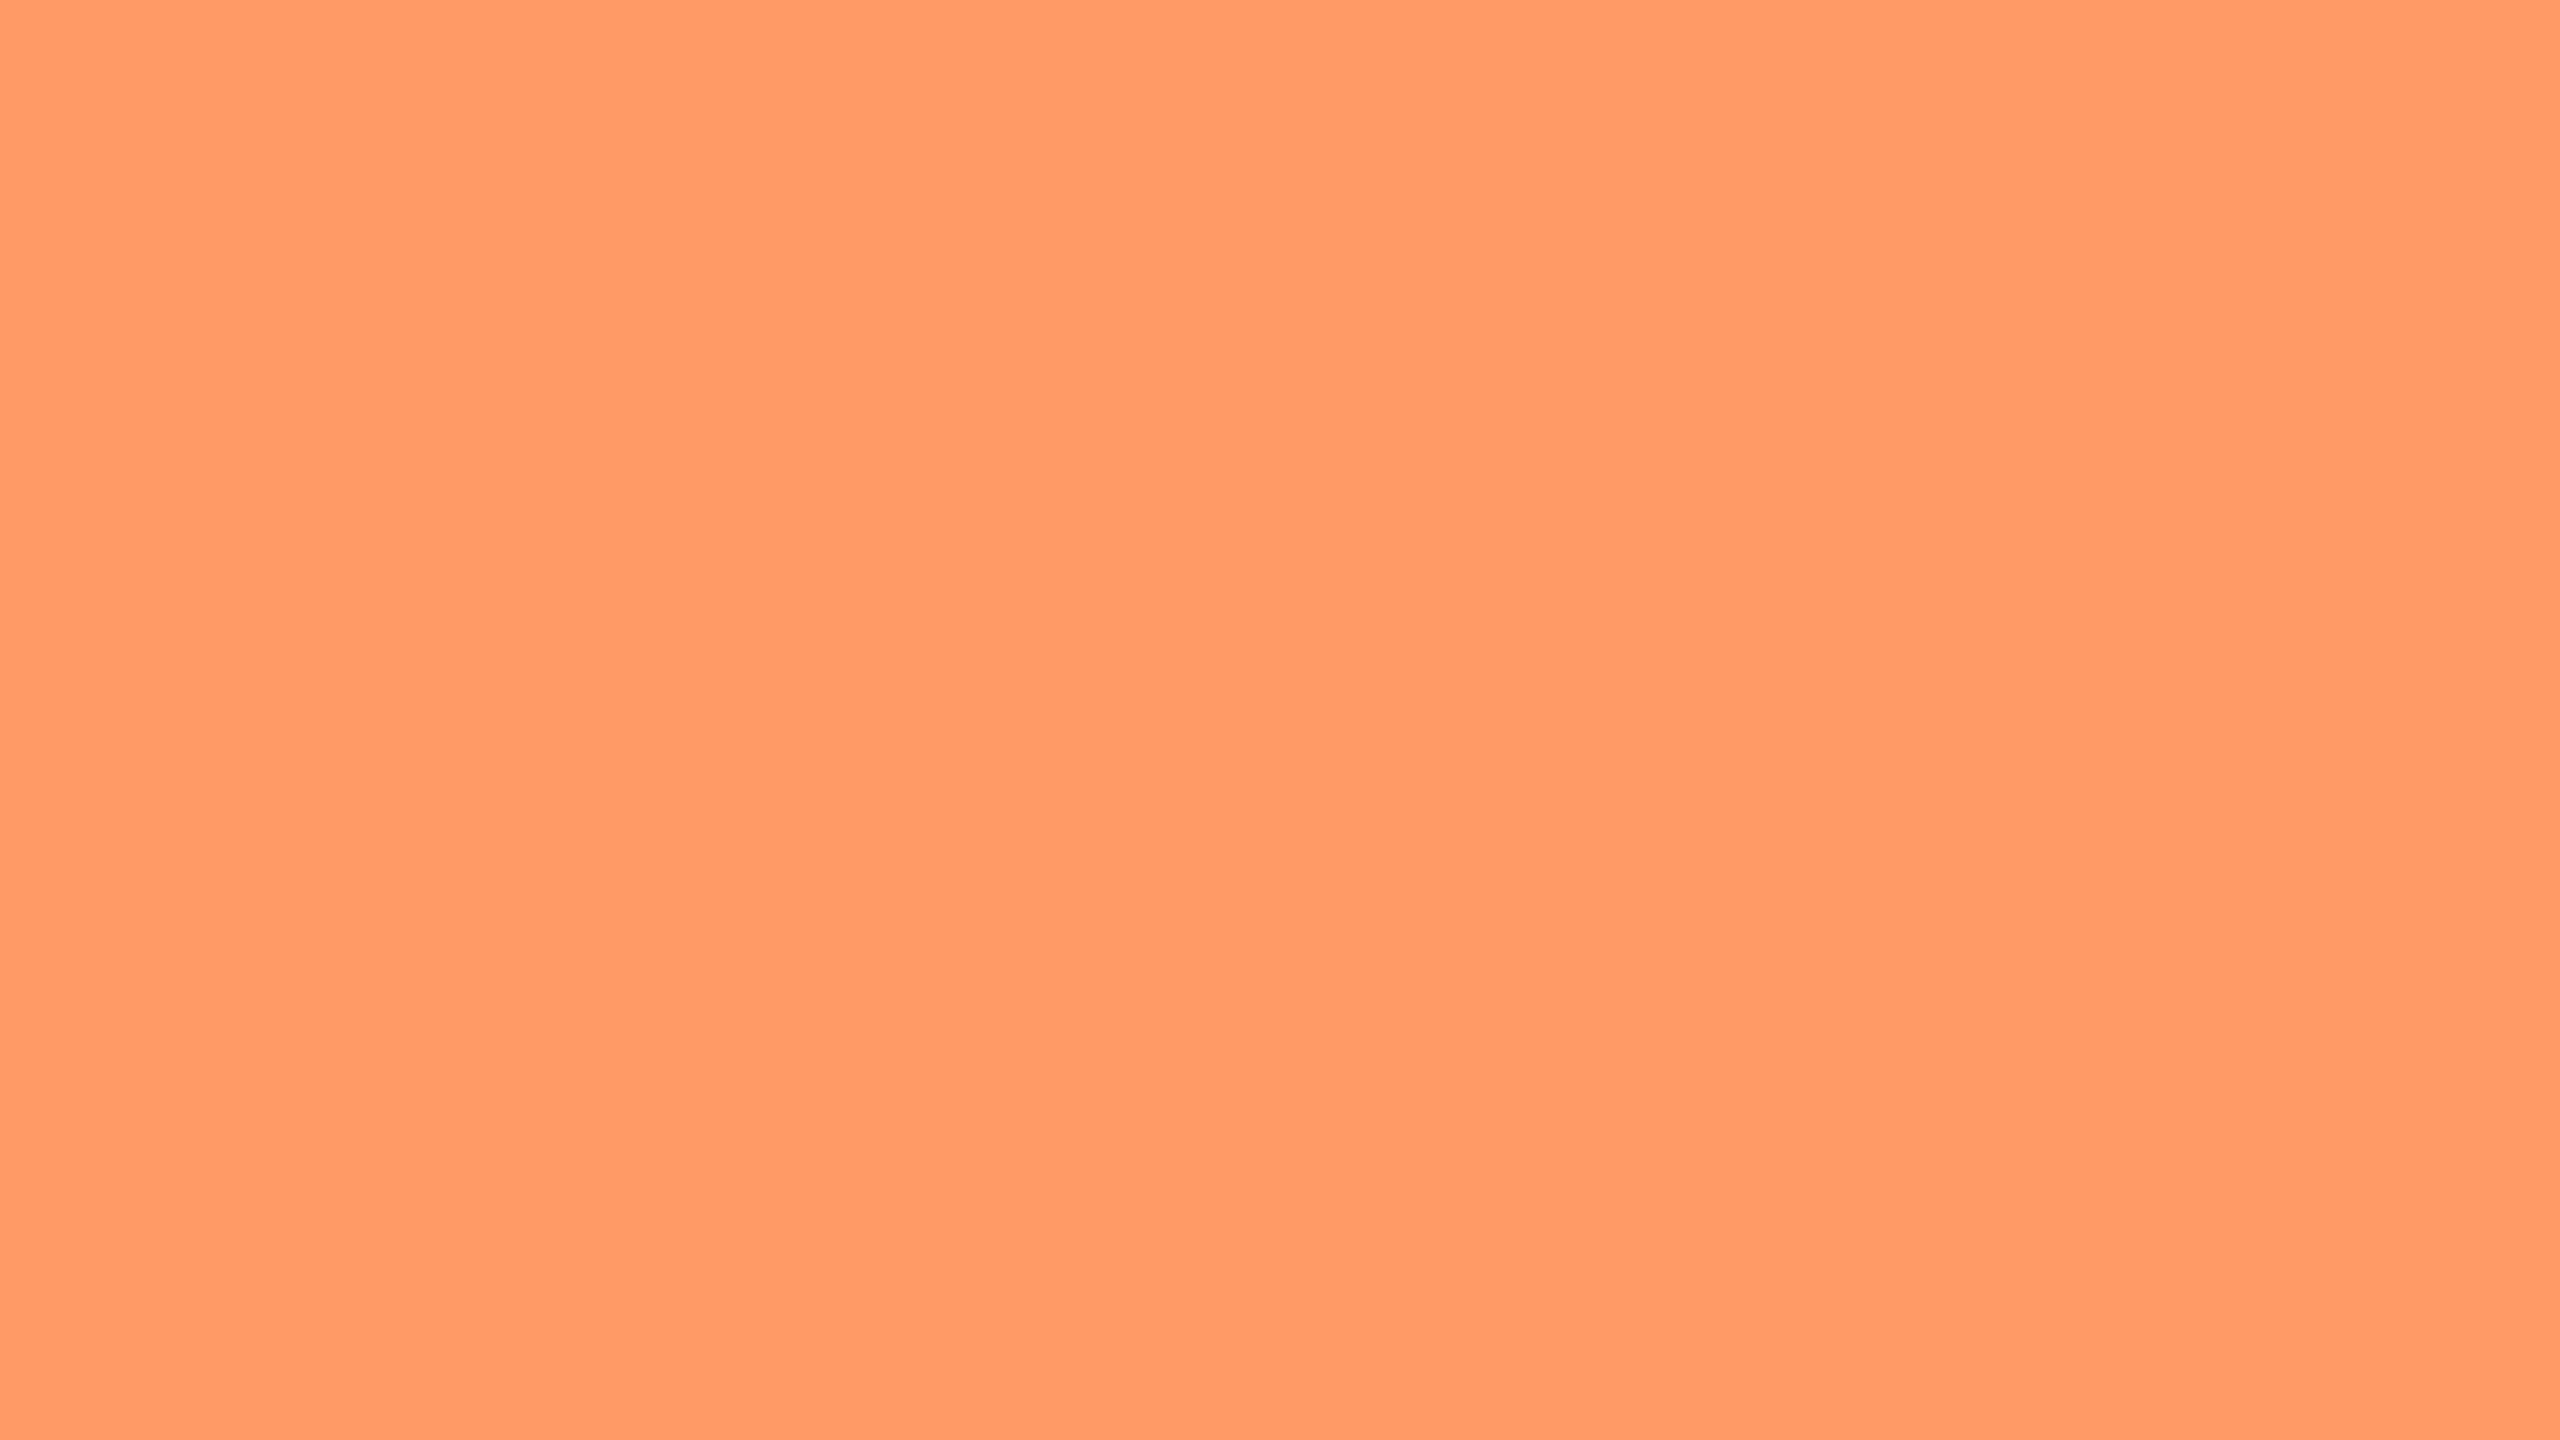 Pink-orange Solid Color Background